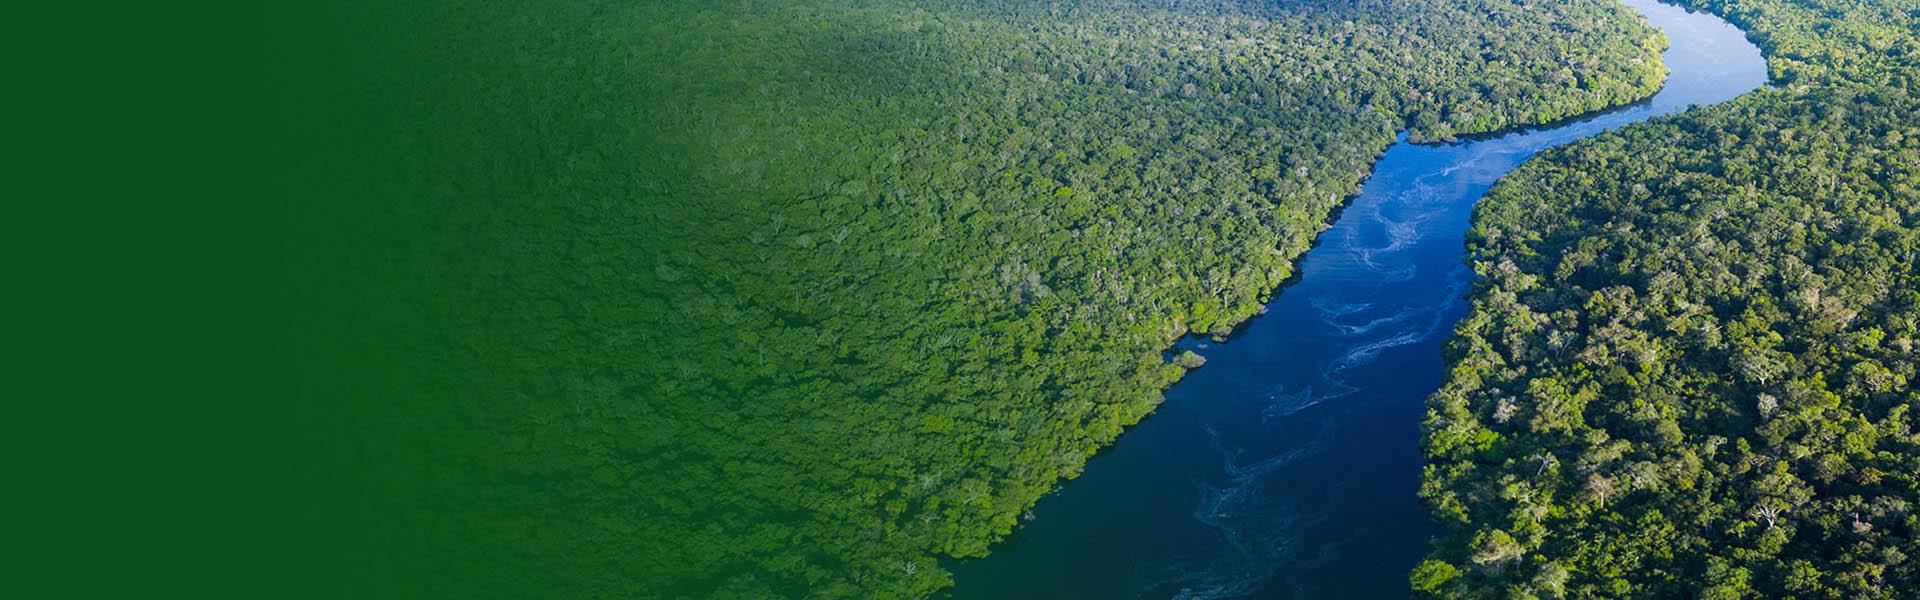 Fundo verde e a floresta com um rio azul no meio